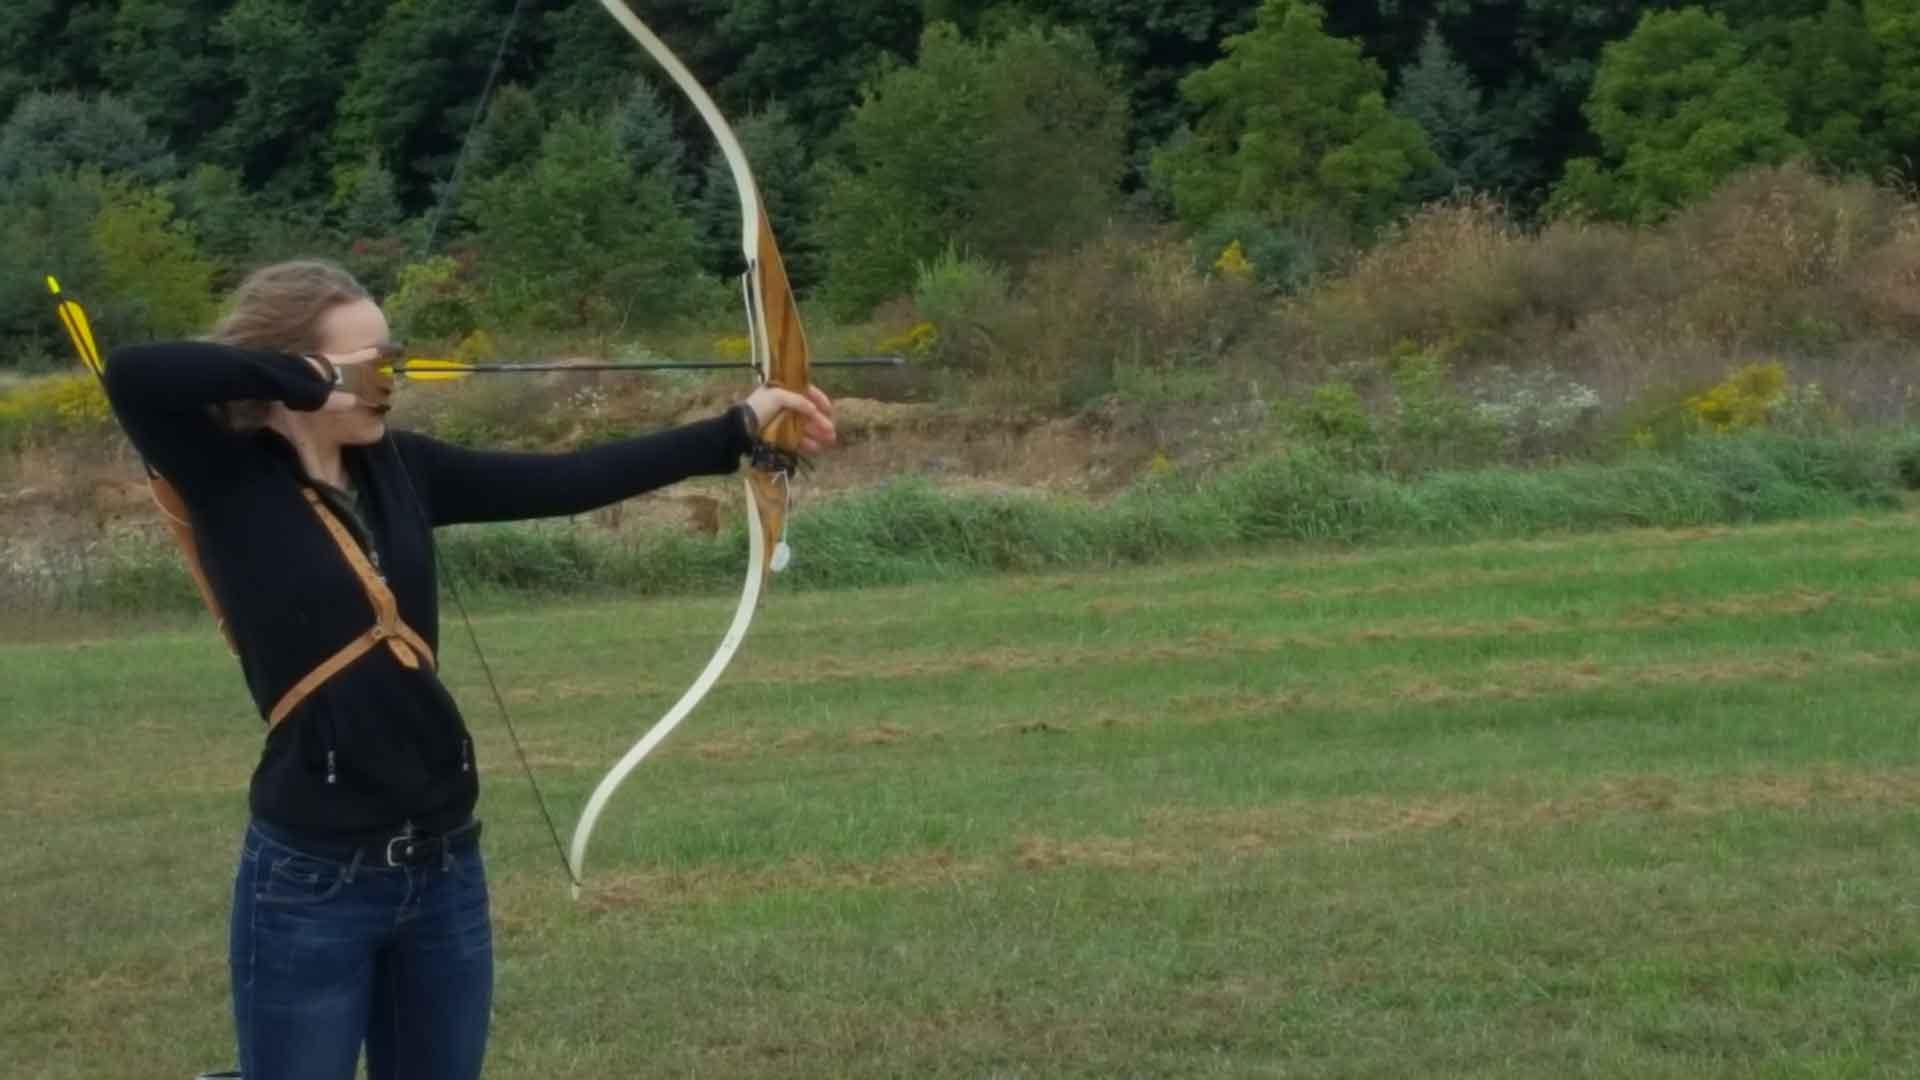 New School Academic Calendar >> Archery Club - Hillsdale College